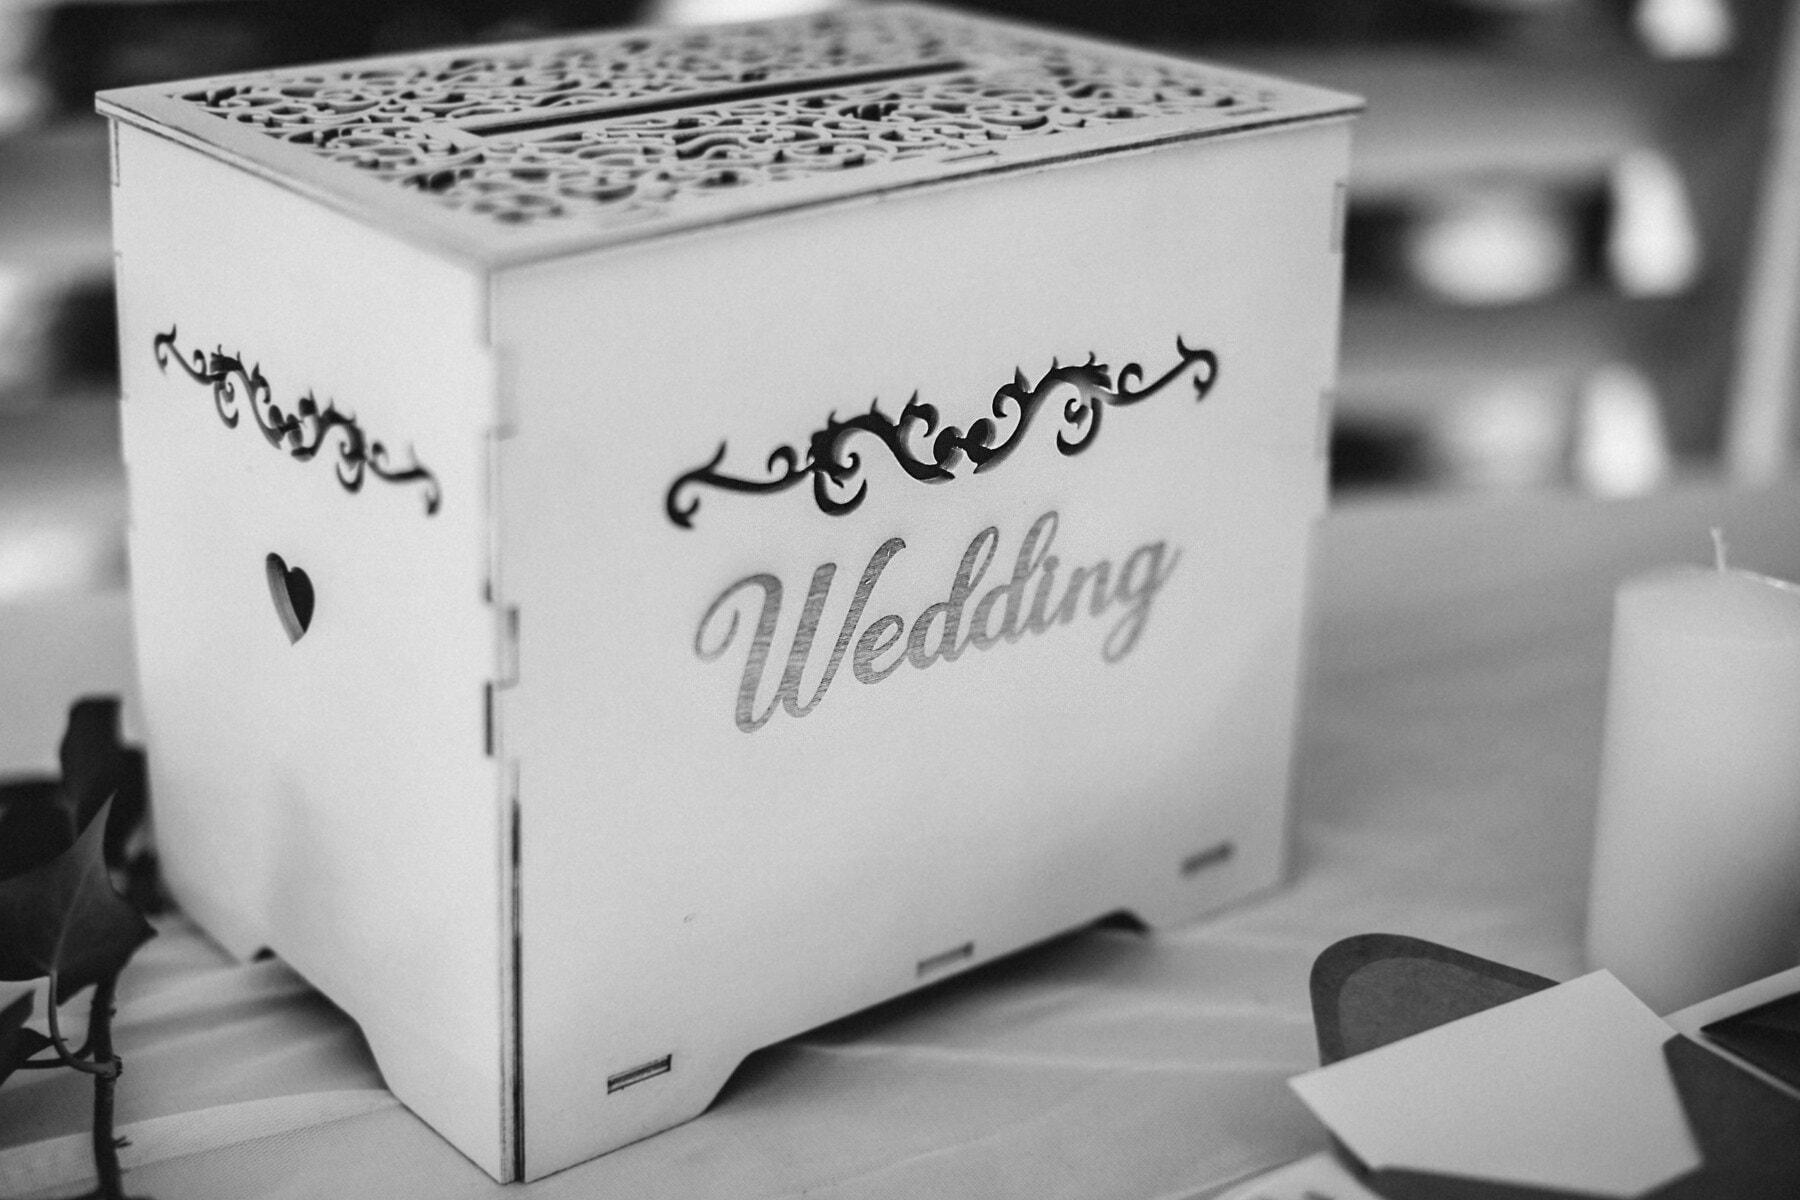 weiß, im Feld, Hochzeit, Symbol, romantische, Container, Karton, Monochrom, Retro, Liebe